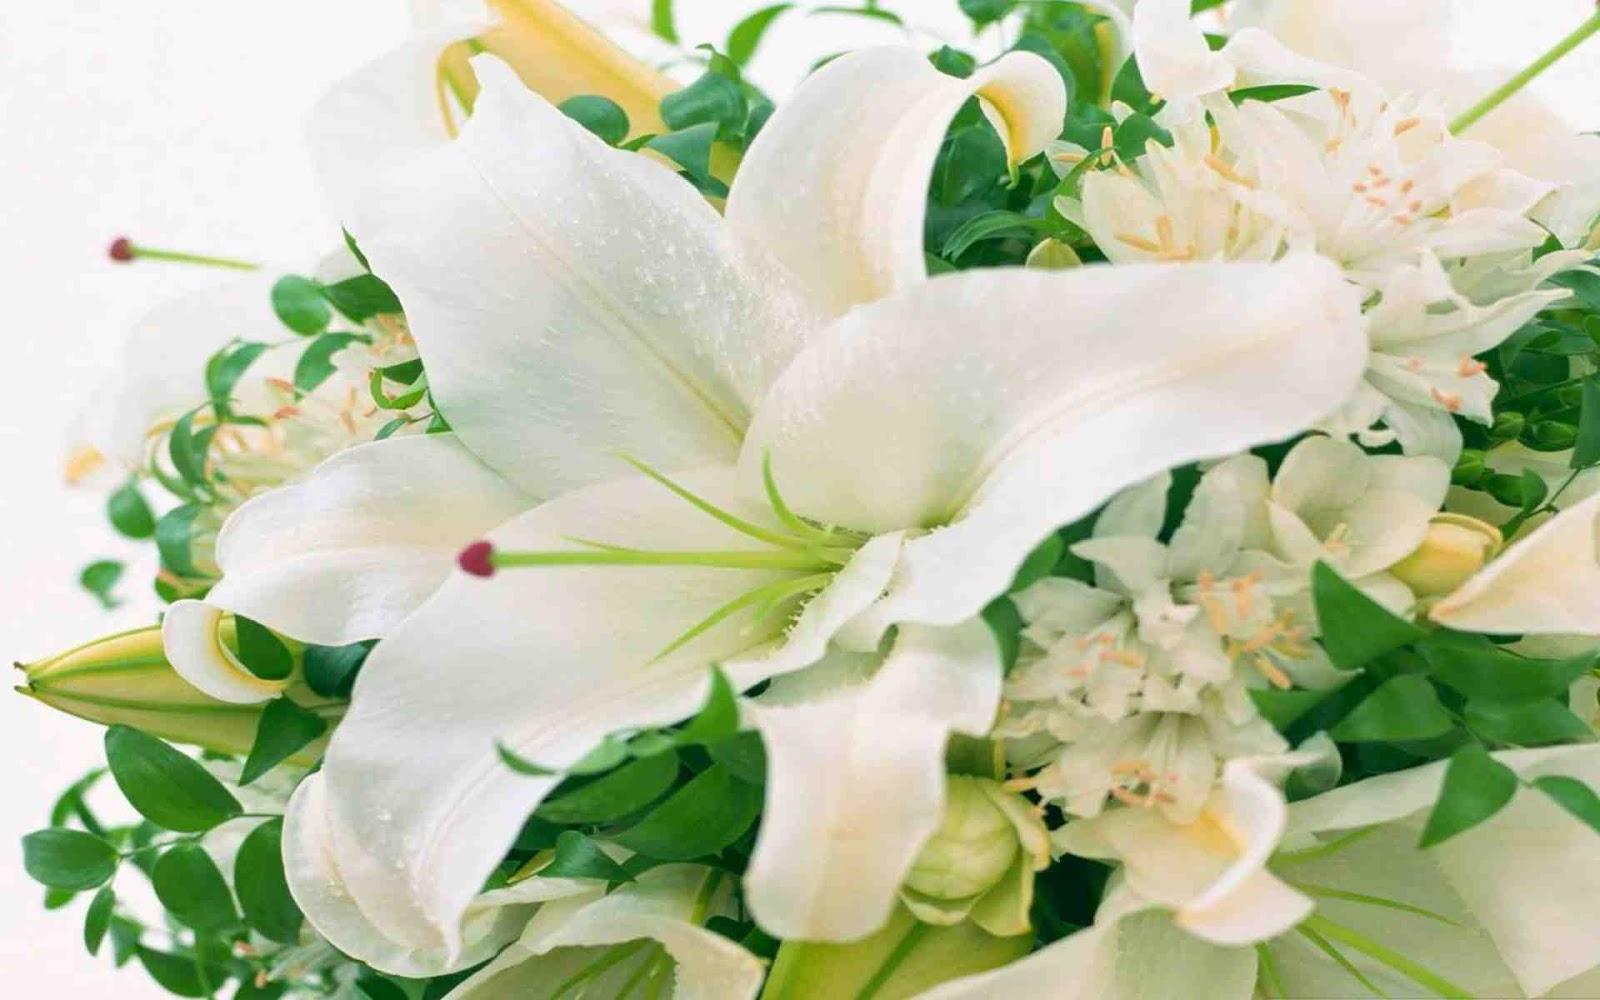 Hình ảnh hoa Ly trắng đẹp tinh khôi